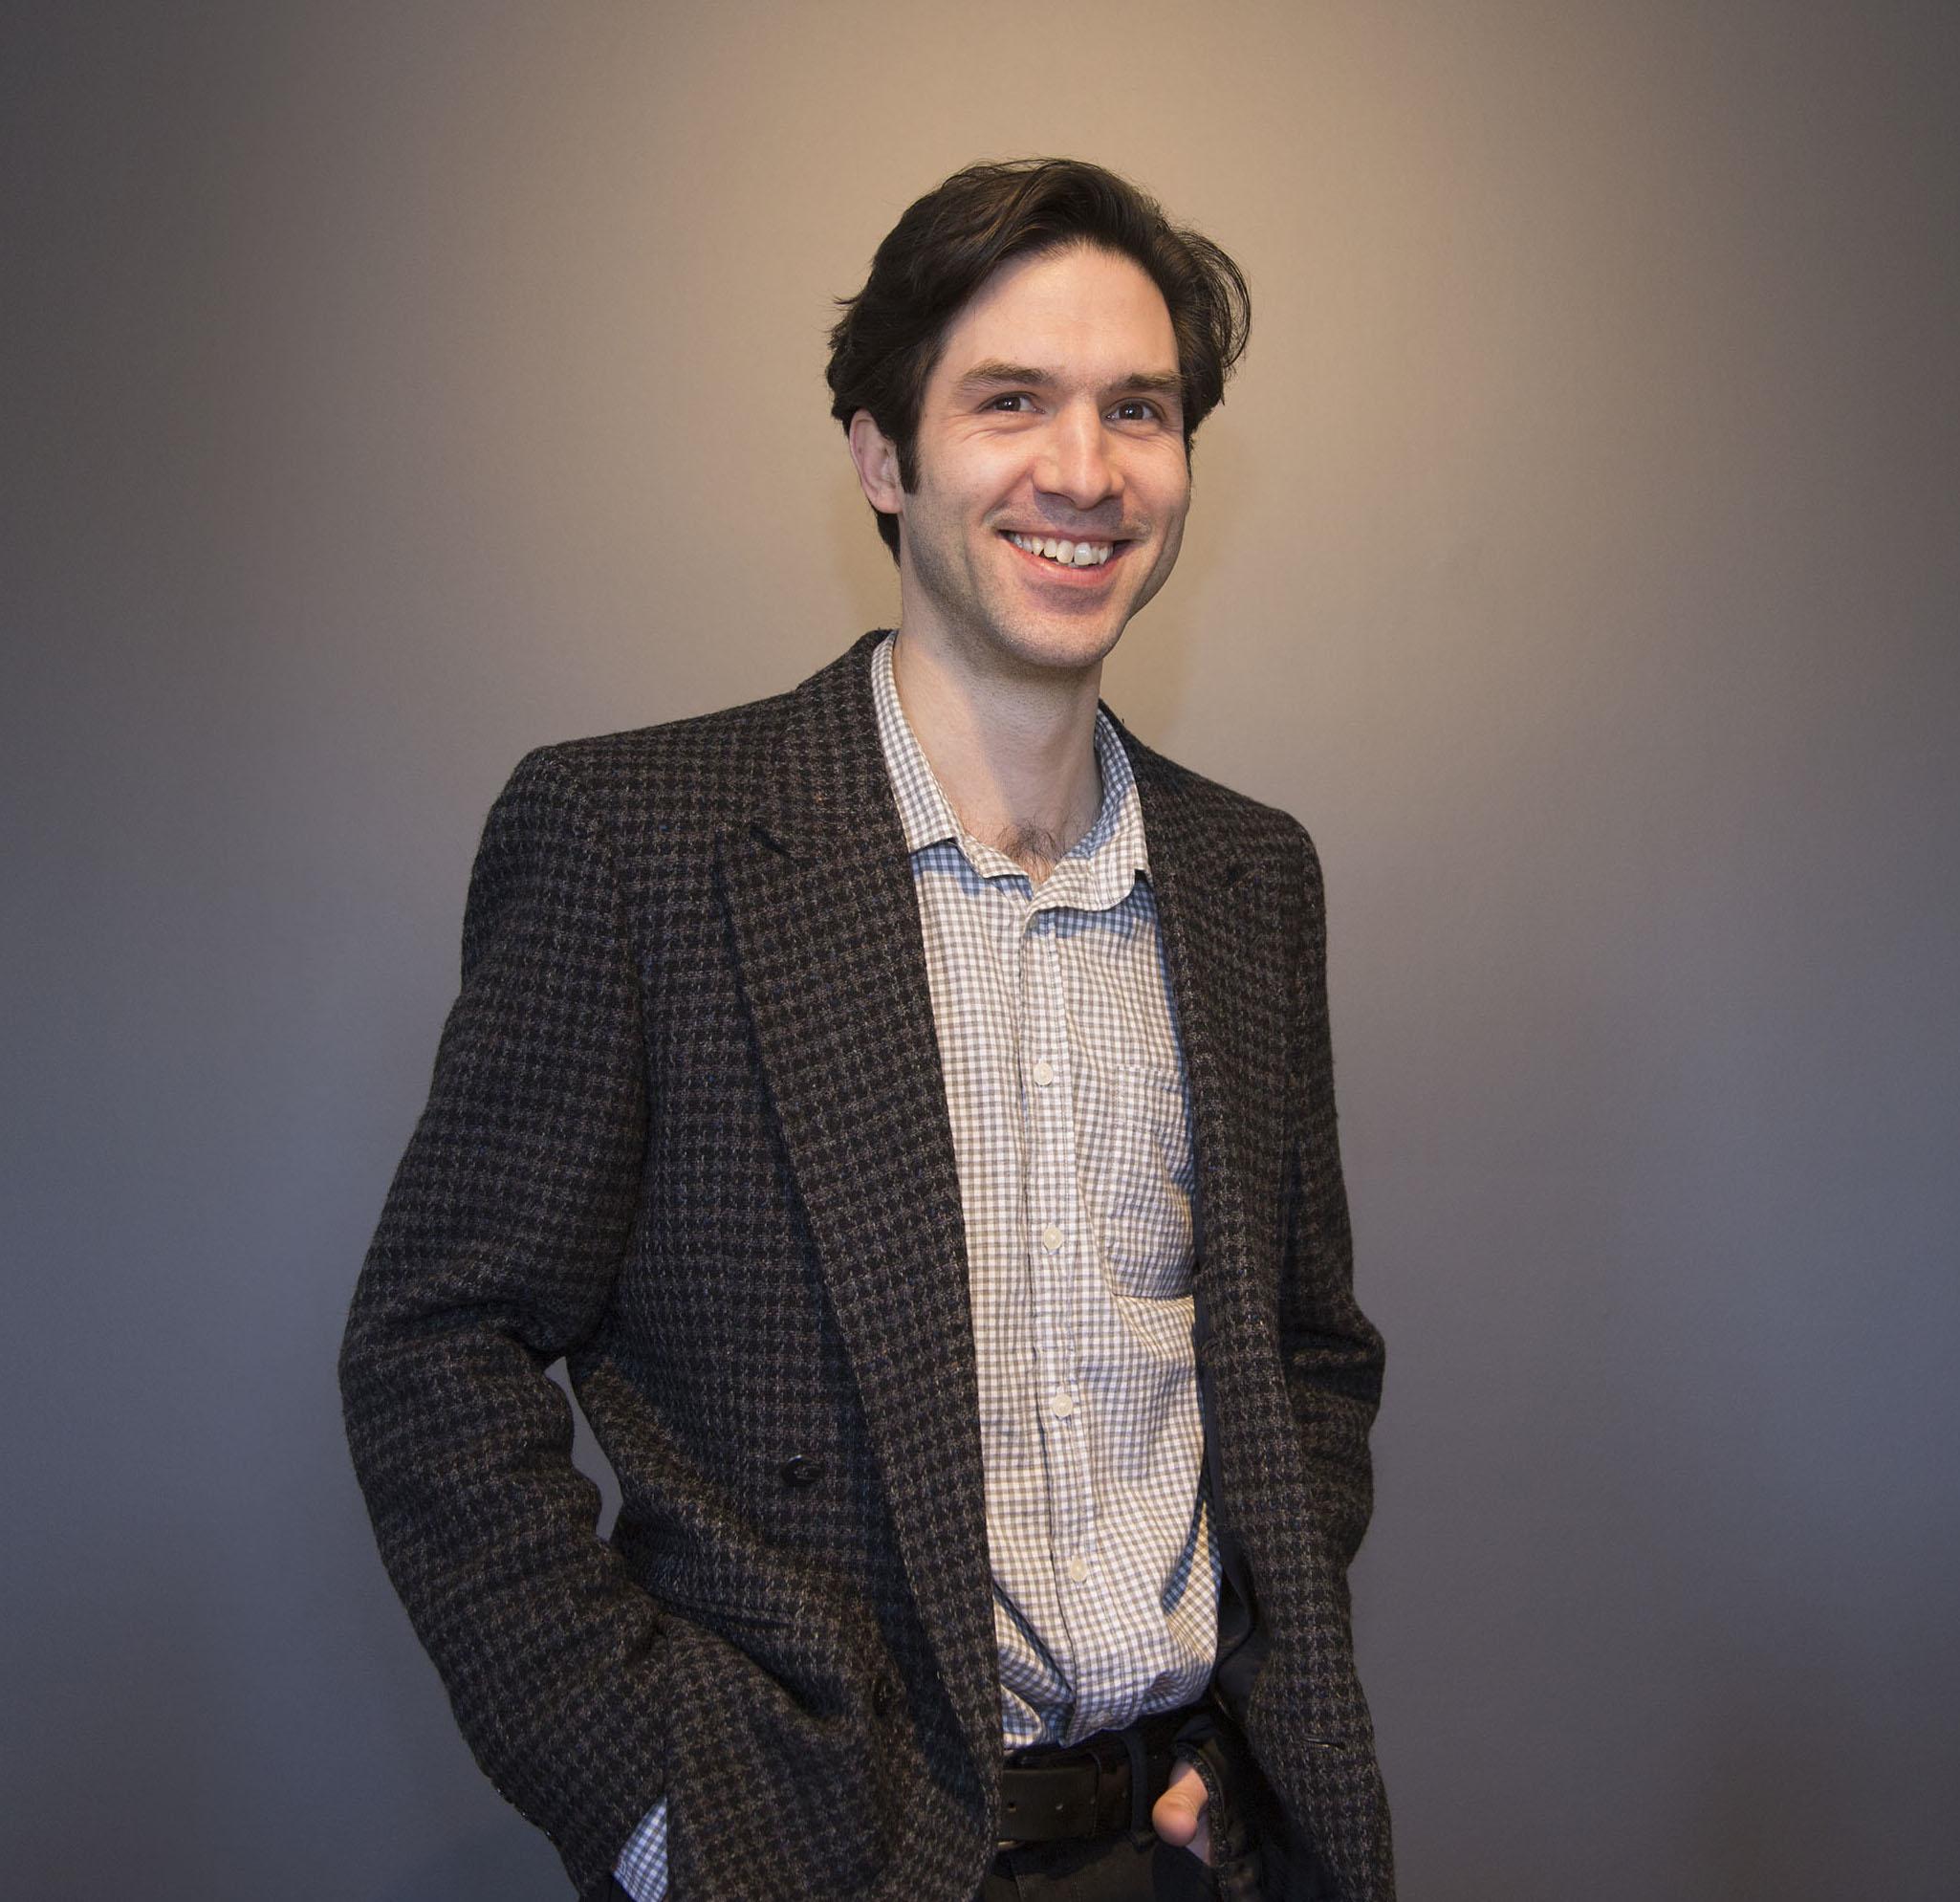 Alexandre Soucy